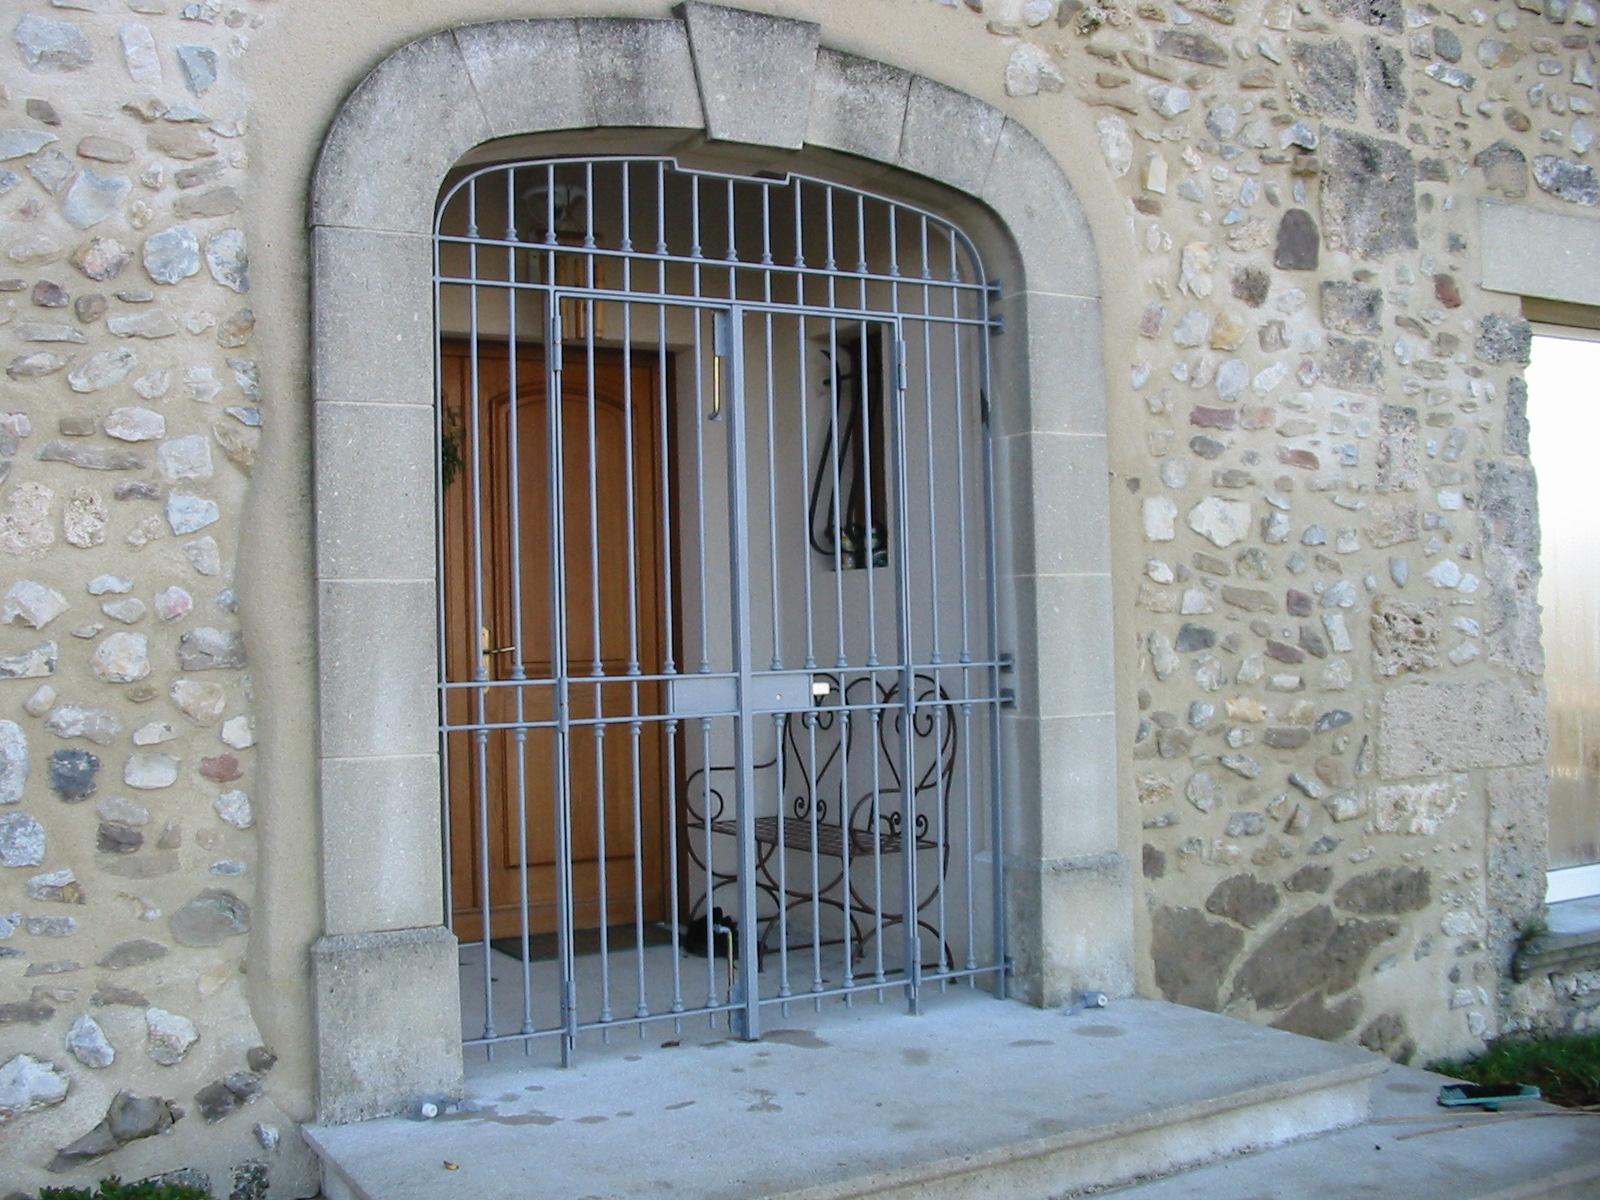 Grille ouvrante pour protection d'une porte d'entrée